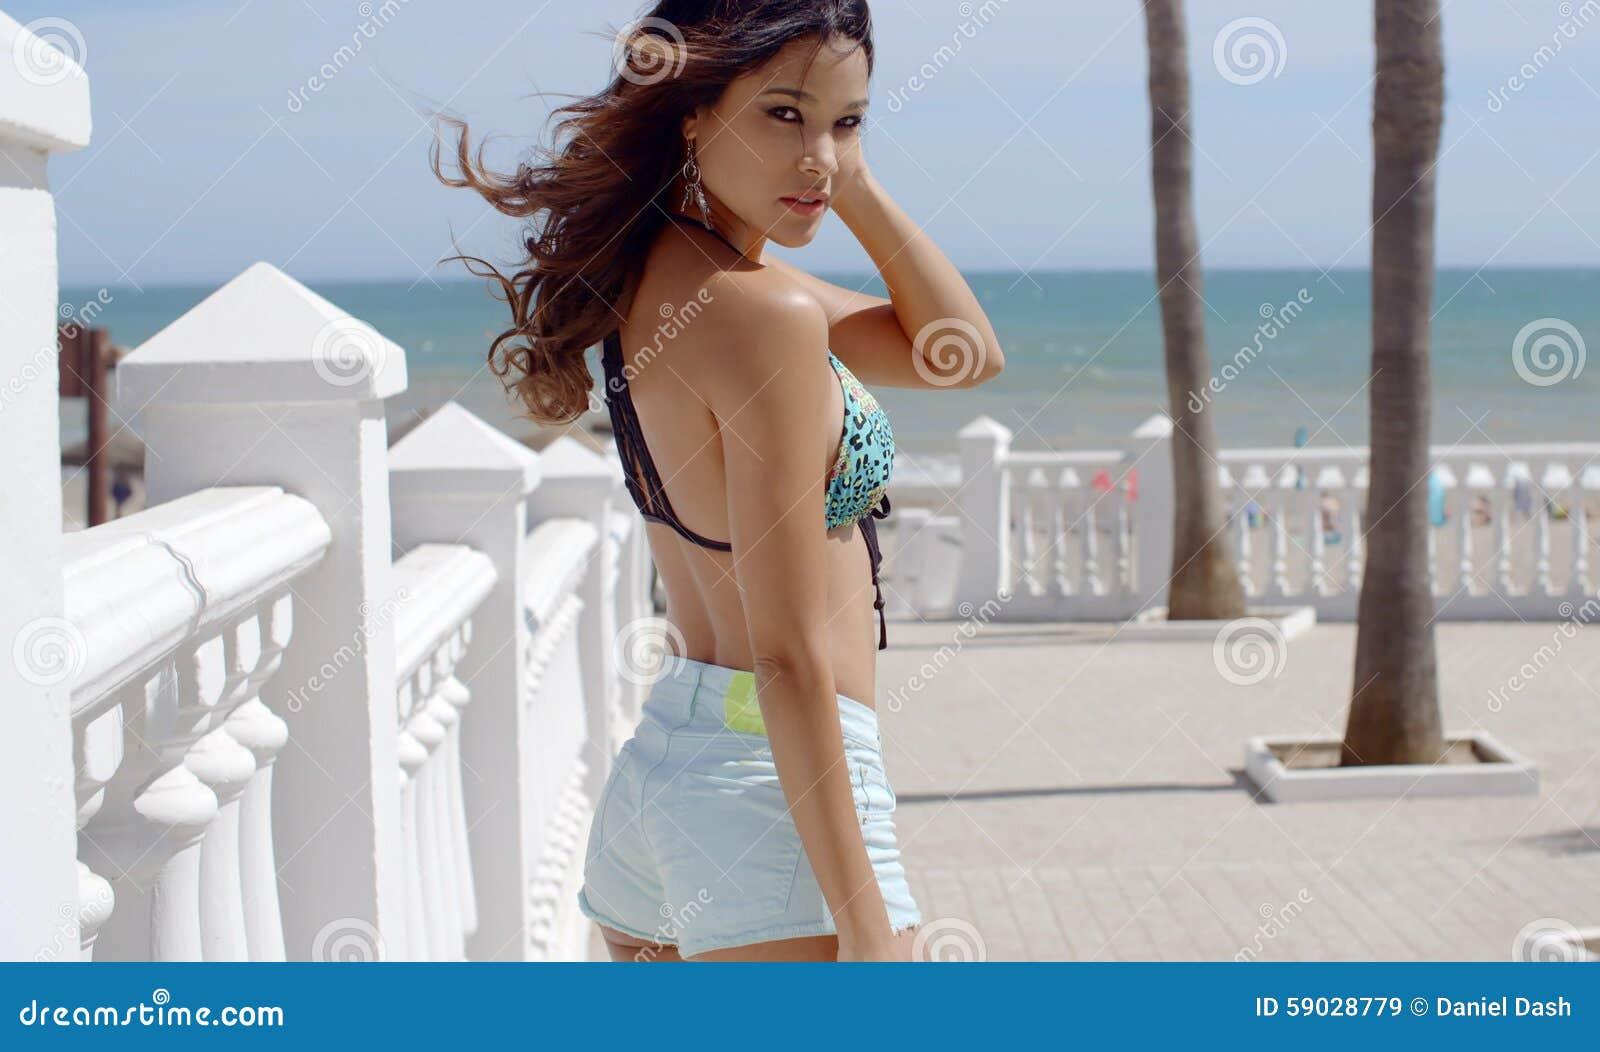 Фото сексуальная на прогулке фото 740-506